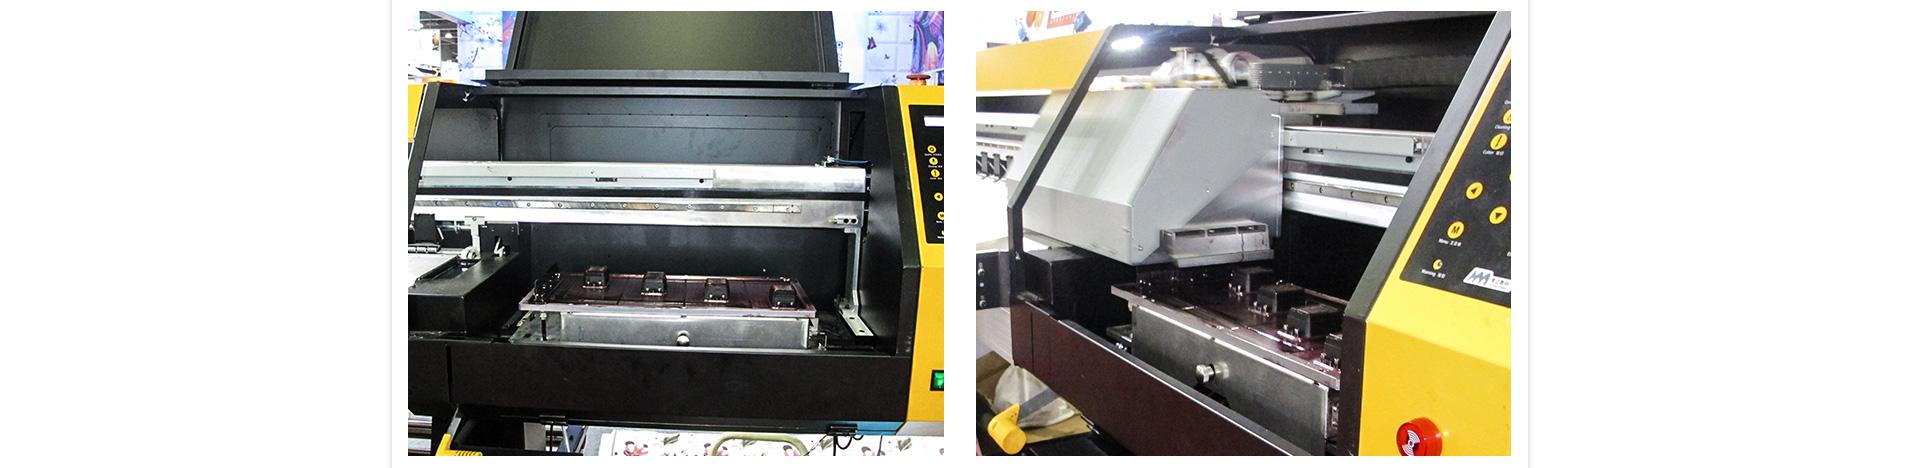 黑迈 E-Jet V35高精度热升华数码印花机